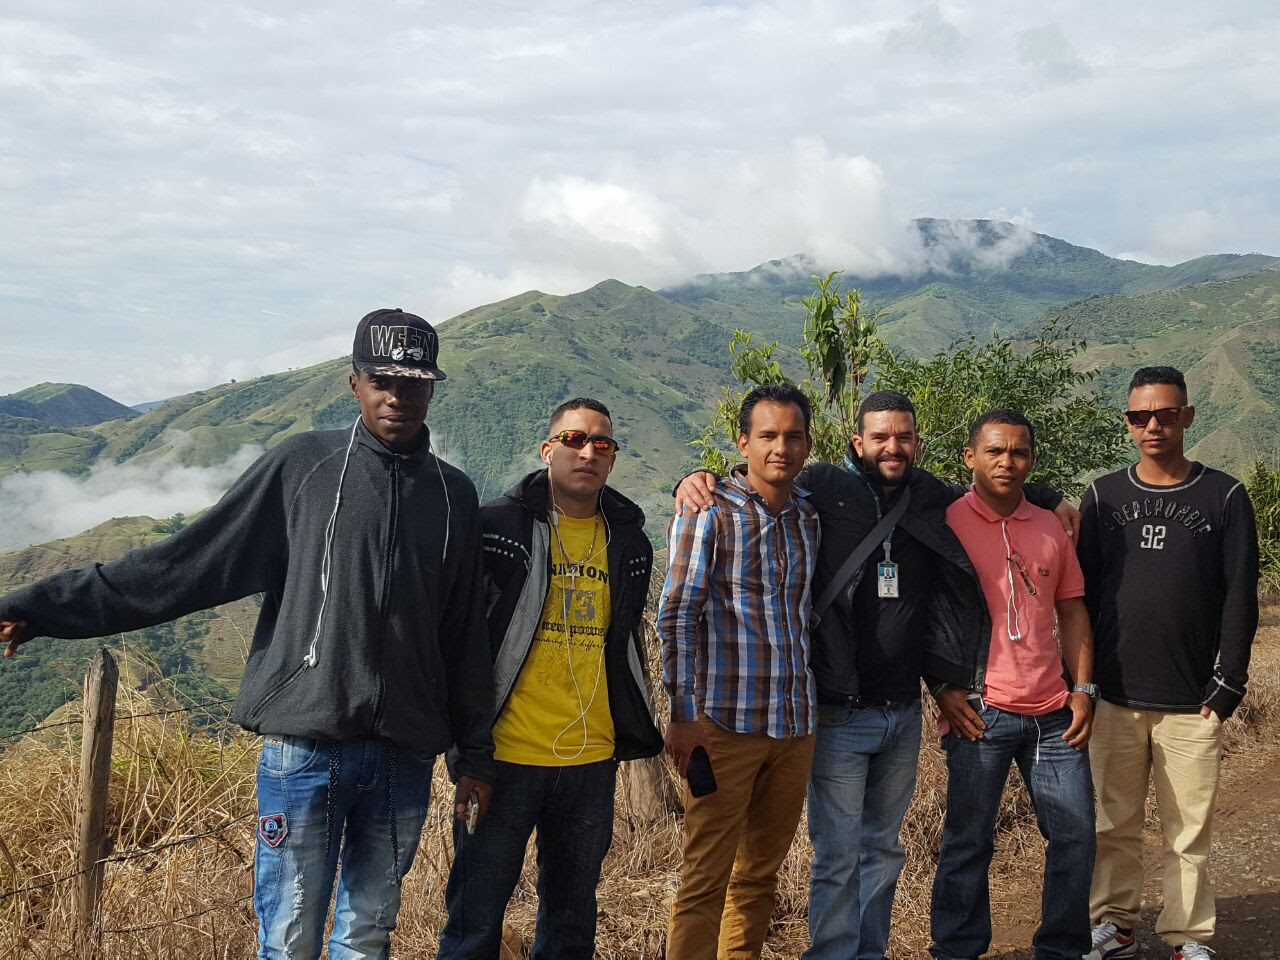 El grupo de ex habitantes de calle en las instalaciones de la Agroindustria La Hondura, en Betulia.Foto: Juan Camilo Aguirre